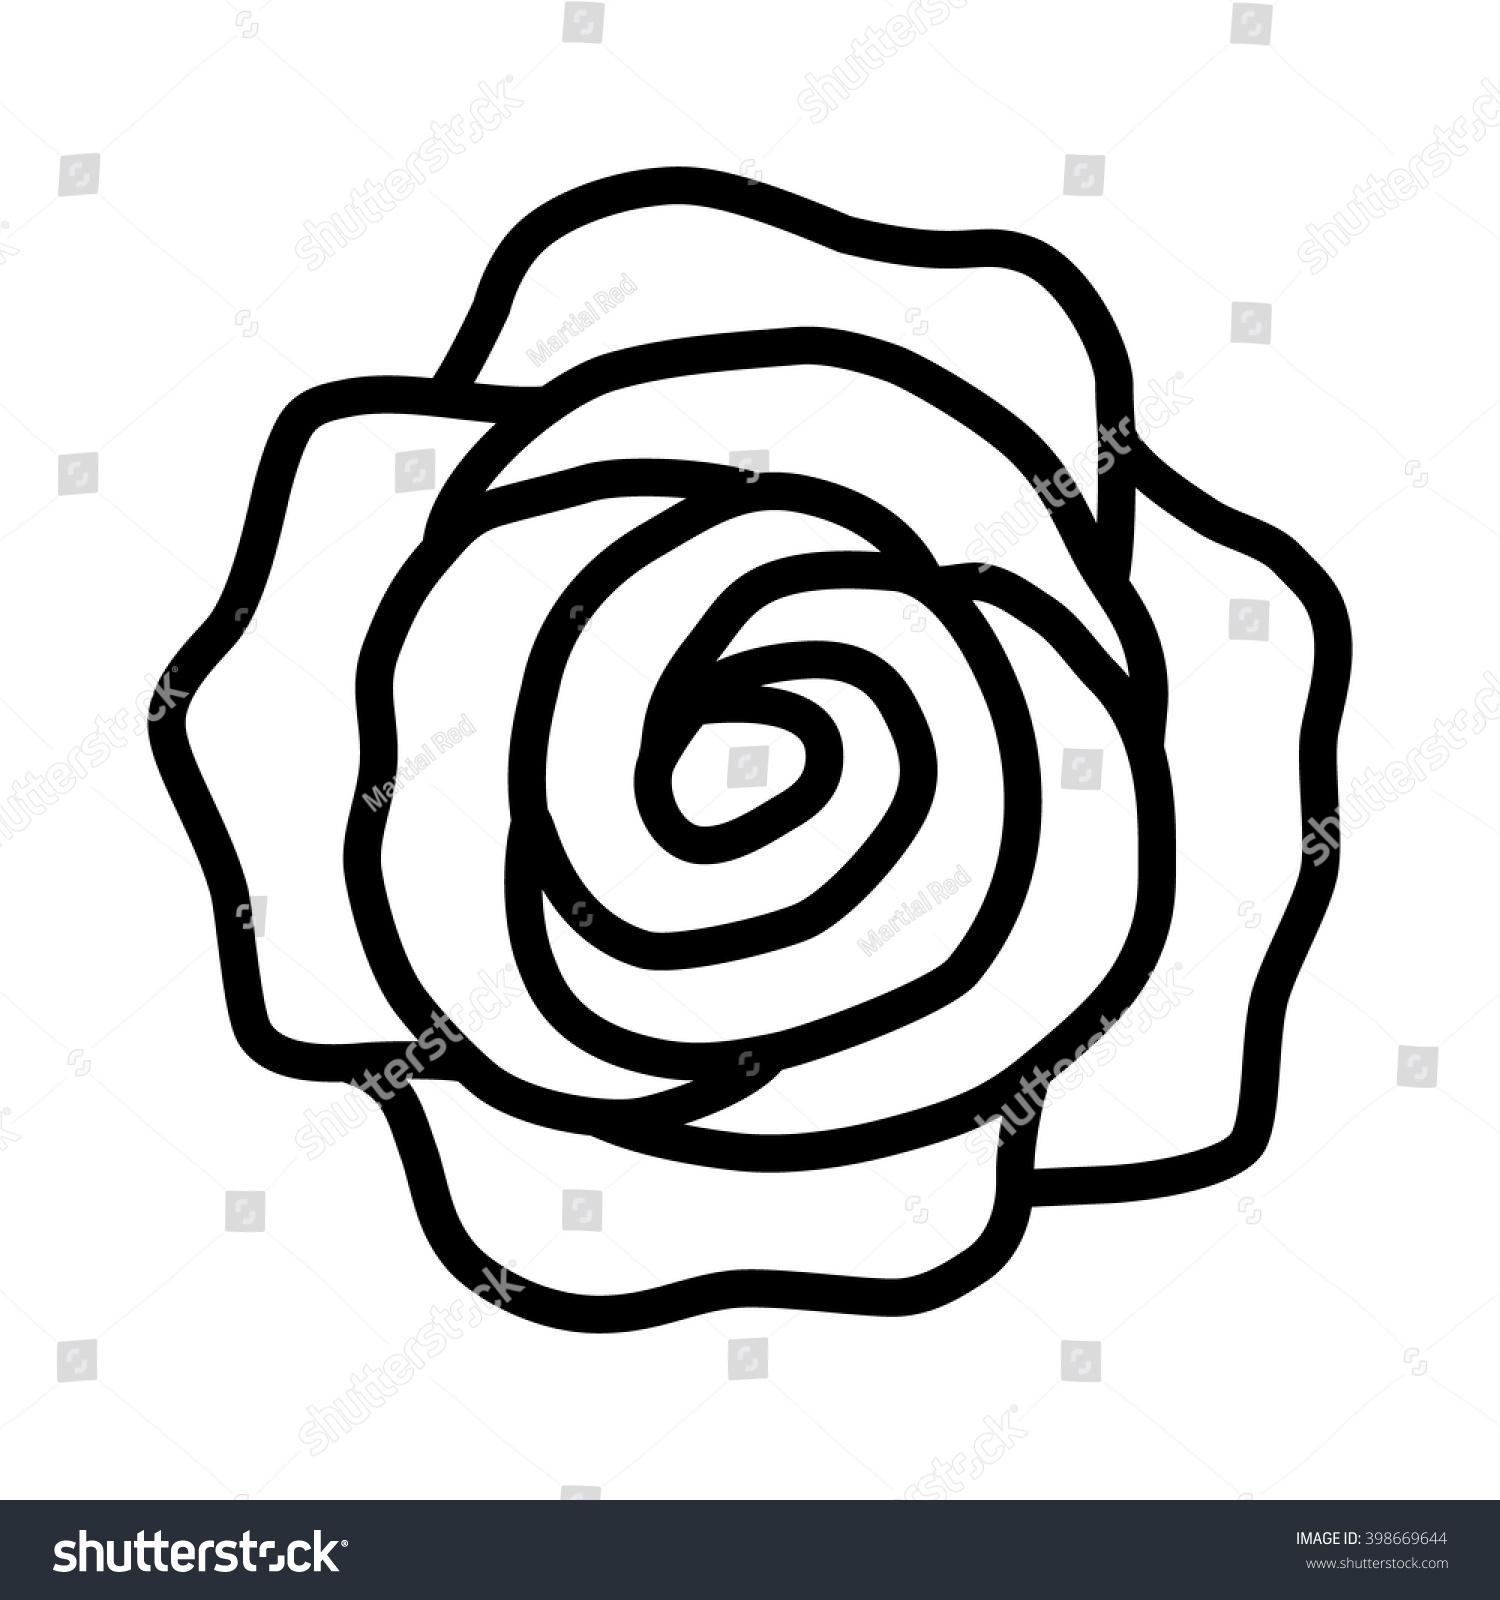 Line Art App : Romantic rose flower blossom line art stock vector